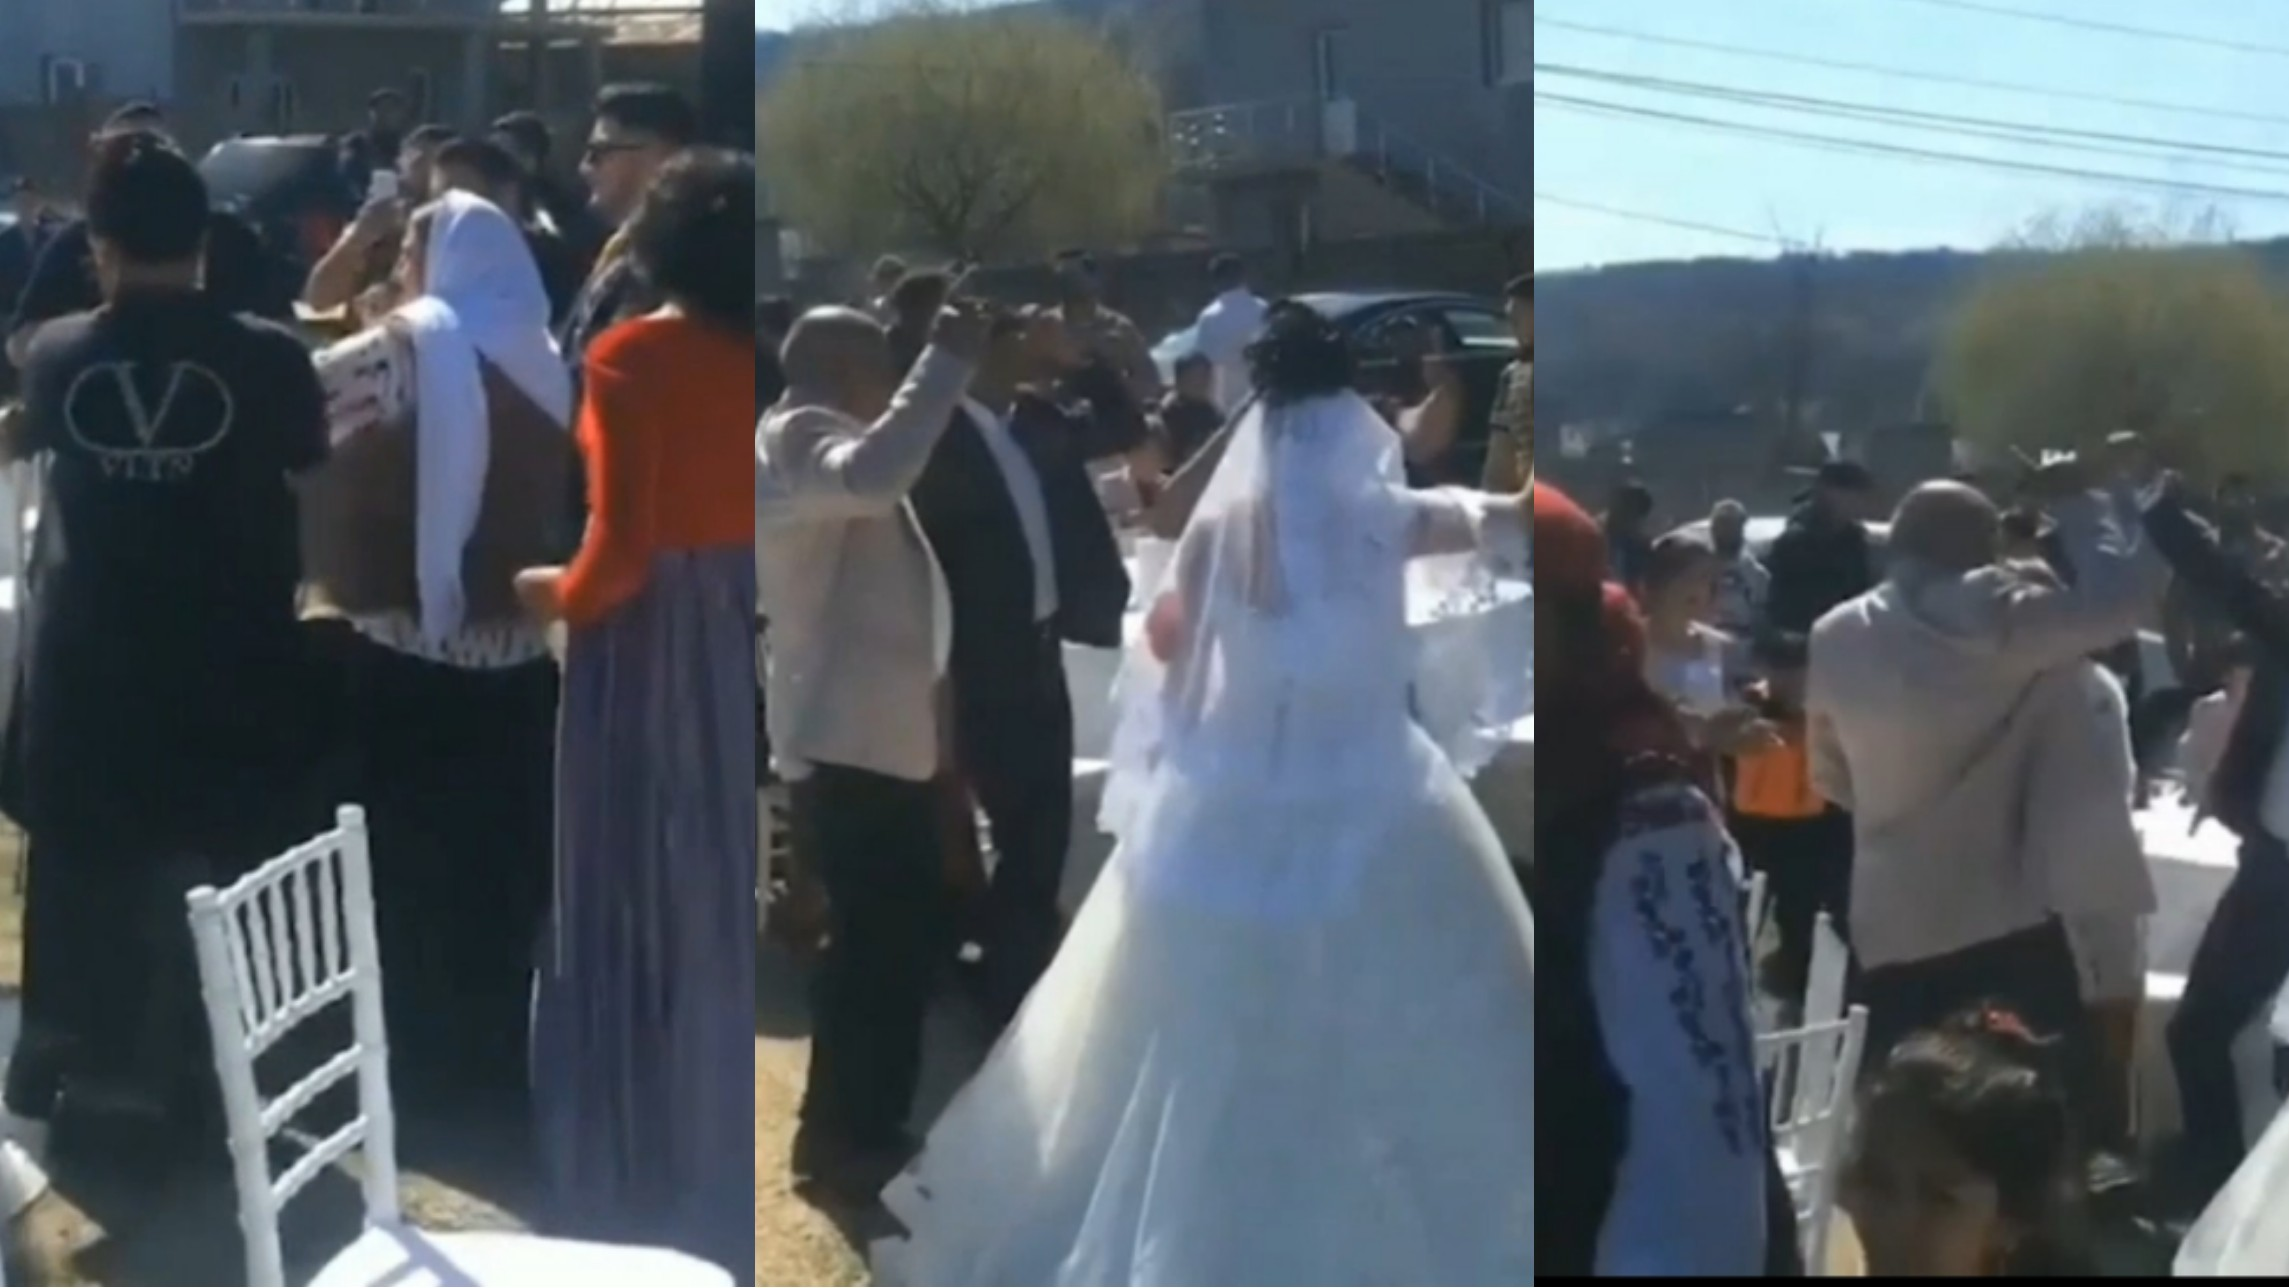 Video | Nuntă mare cu alai în plină pandemie de coronavirus! Petrecerea a fost întreruptă de forţele de ordine